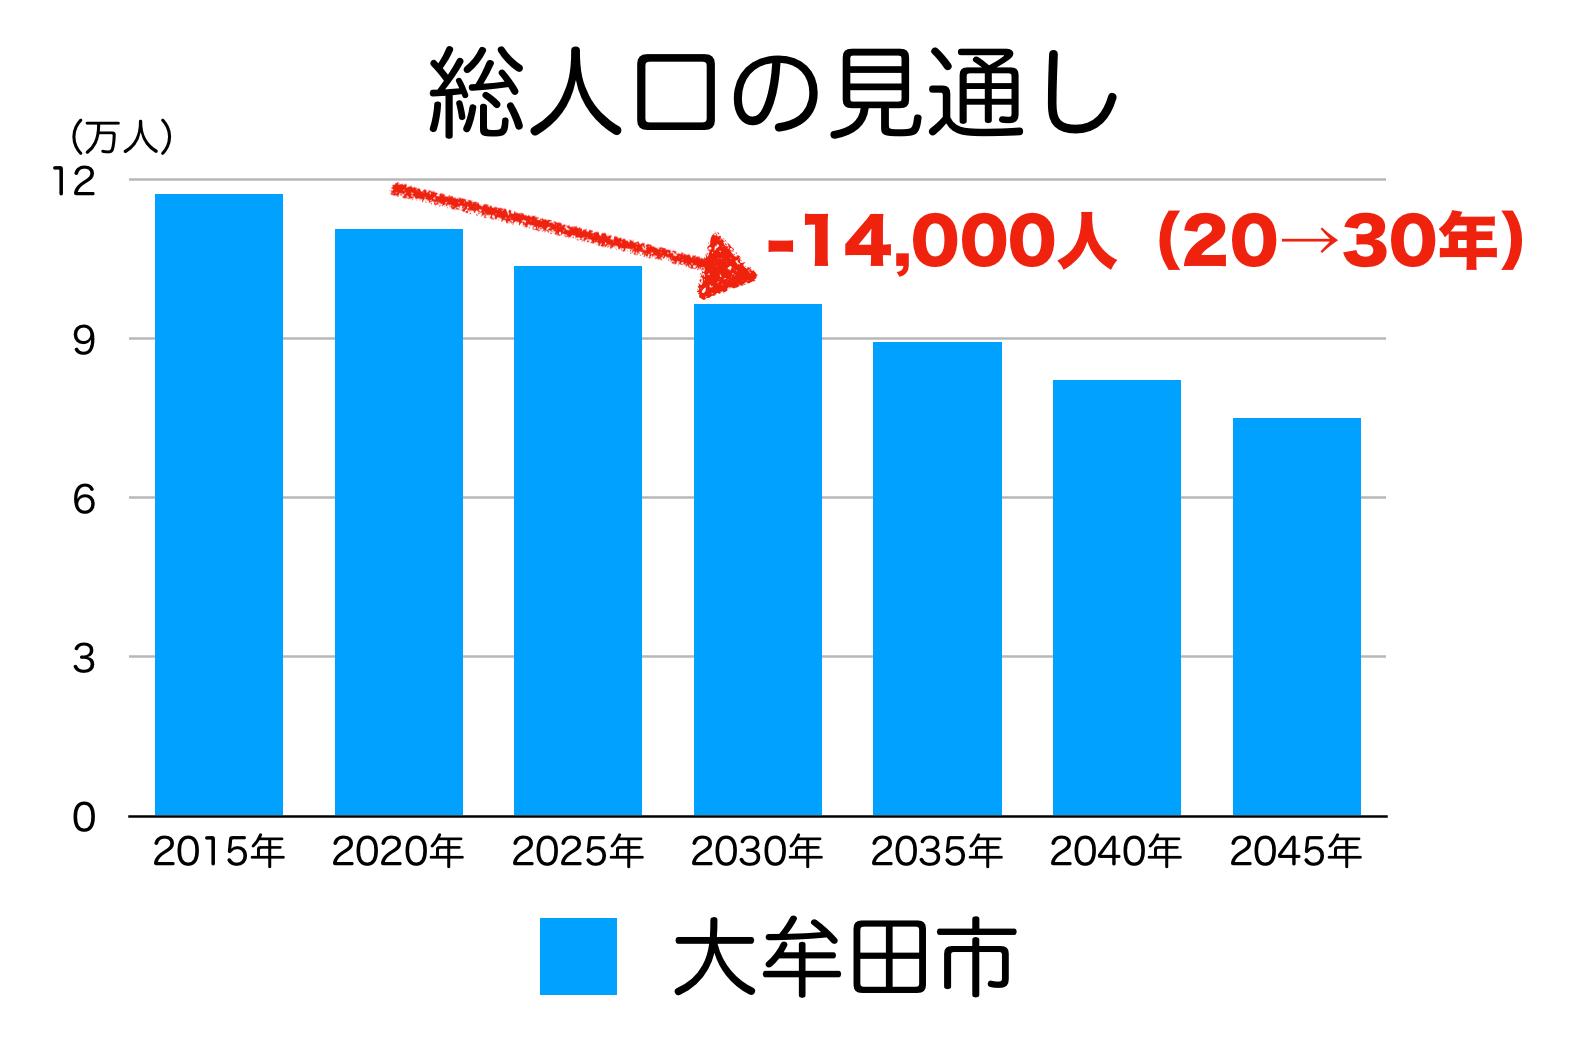 大牟田市の人口予測